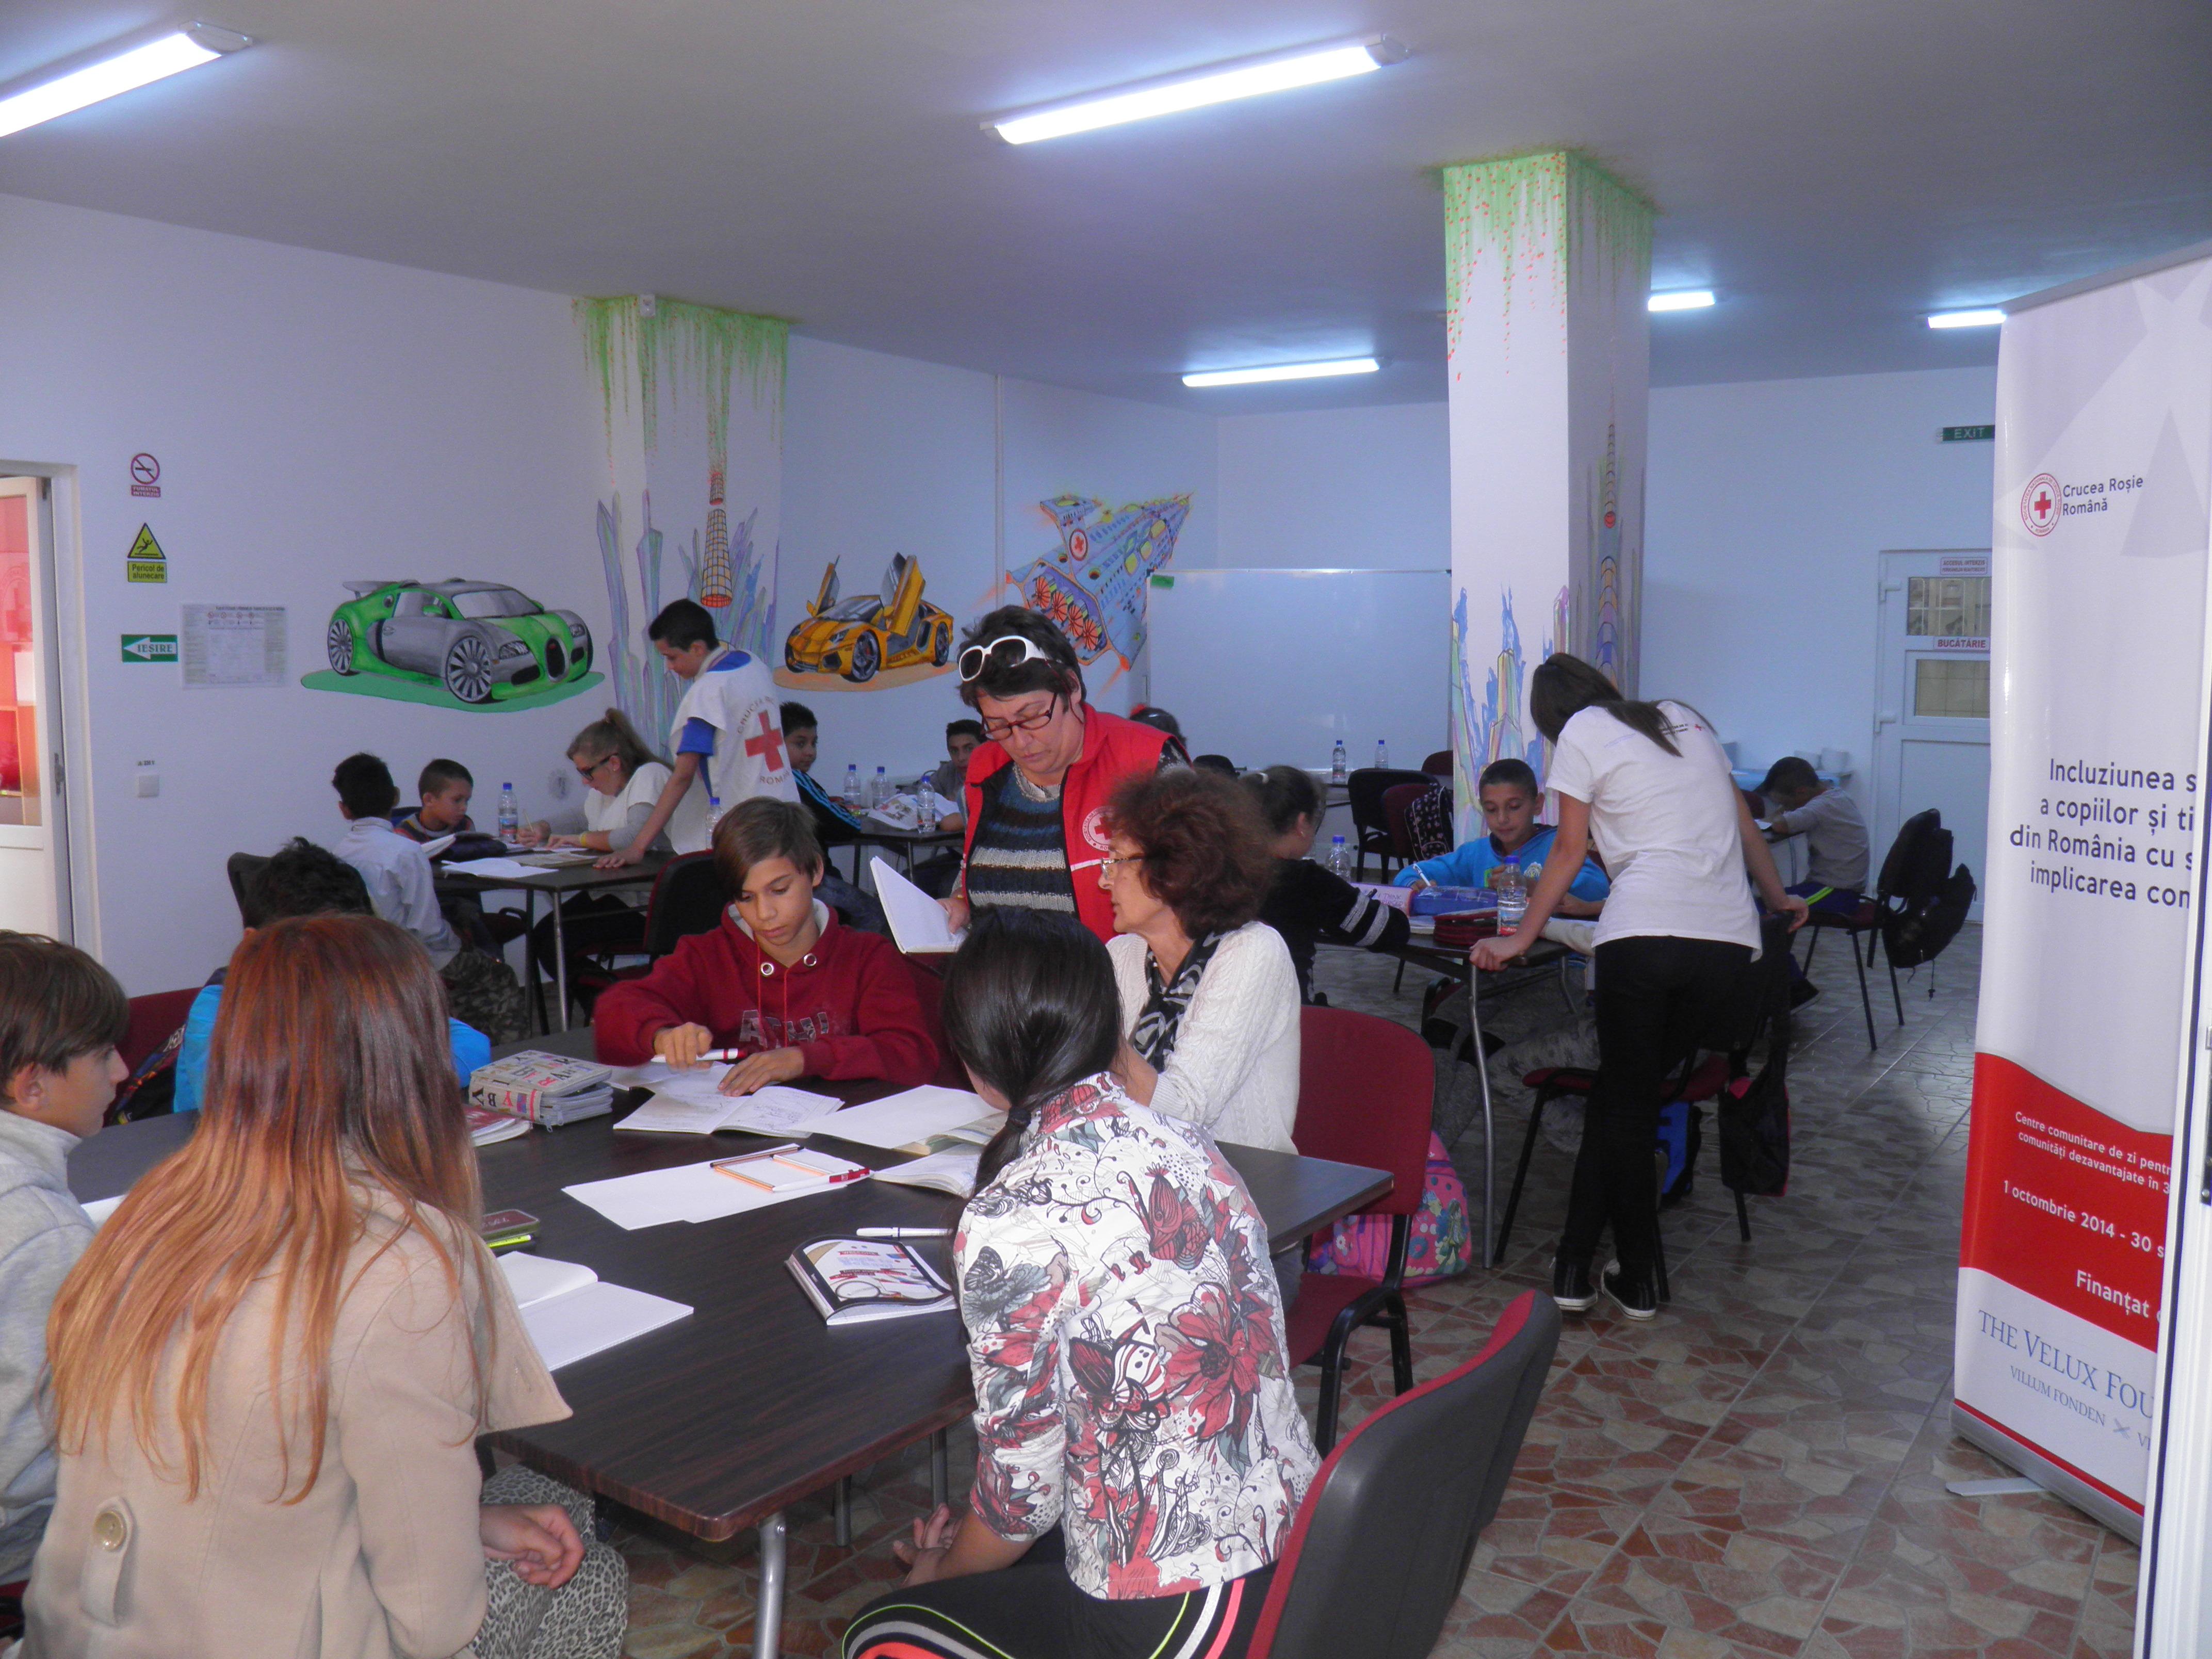 Centre de zi pentru copii si tineri din comunitati dezavantajate